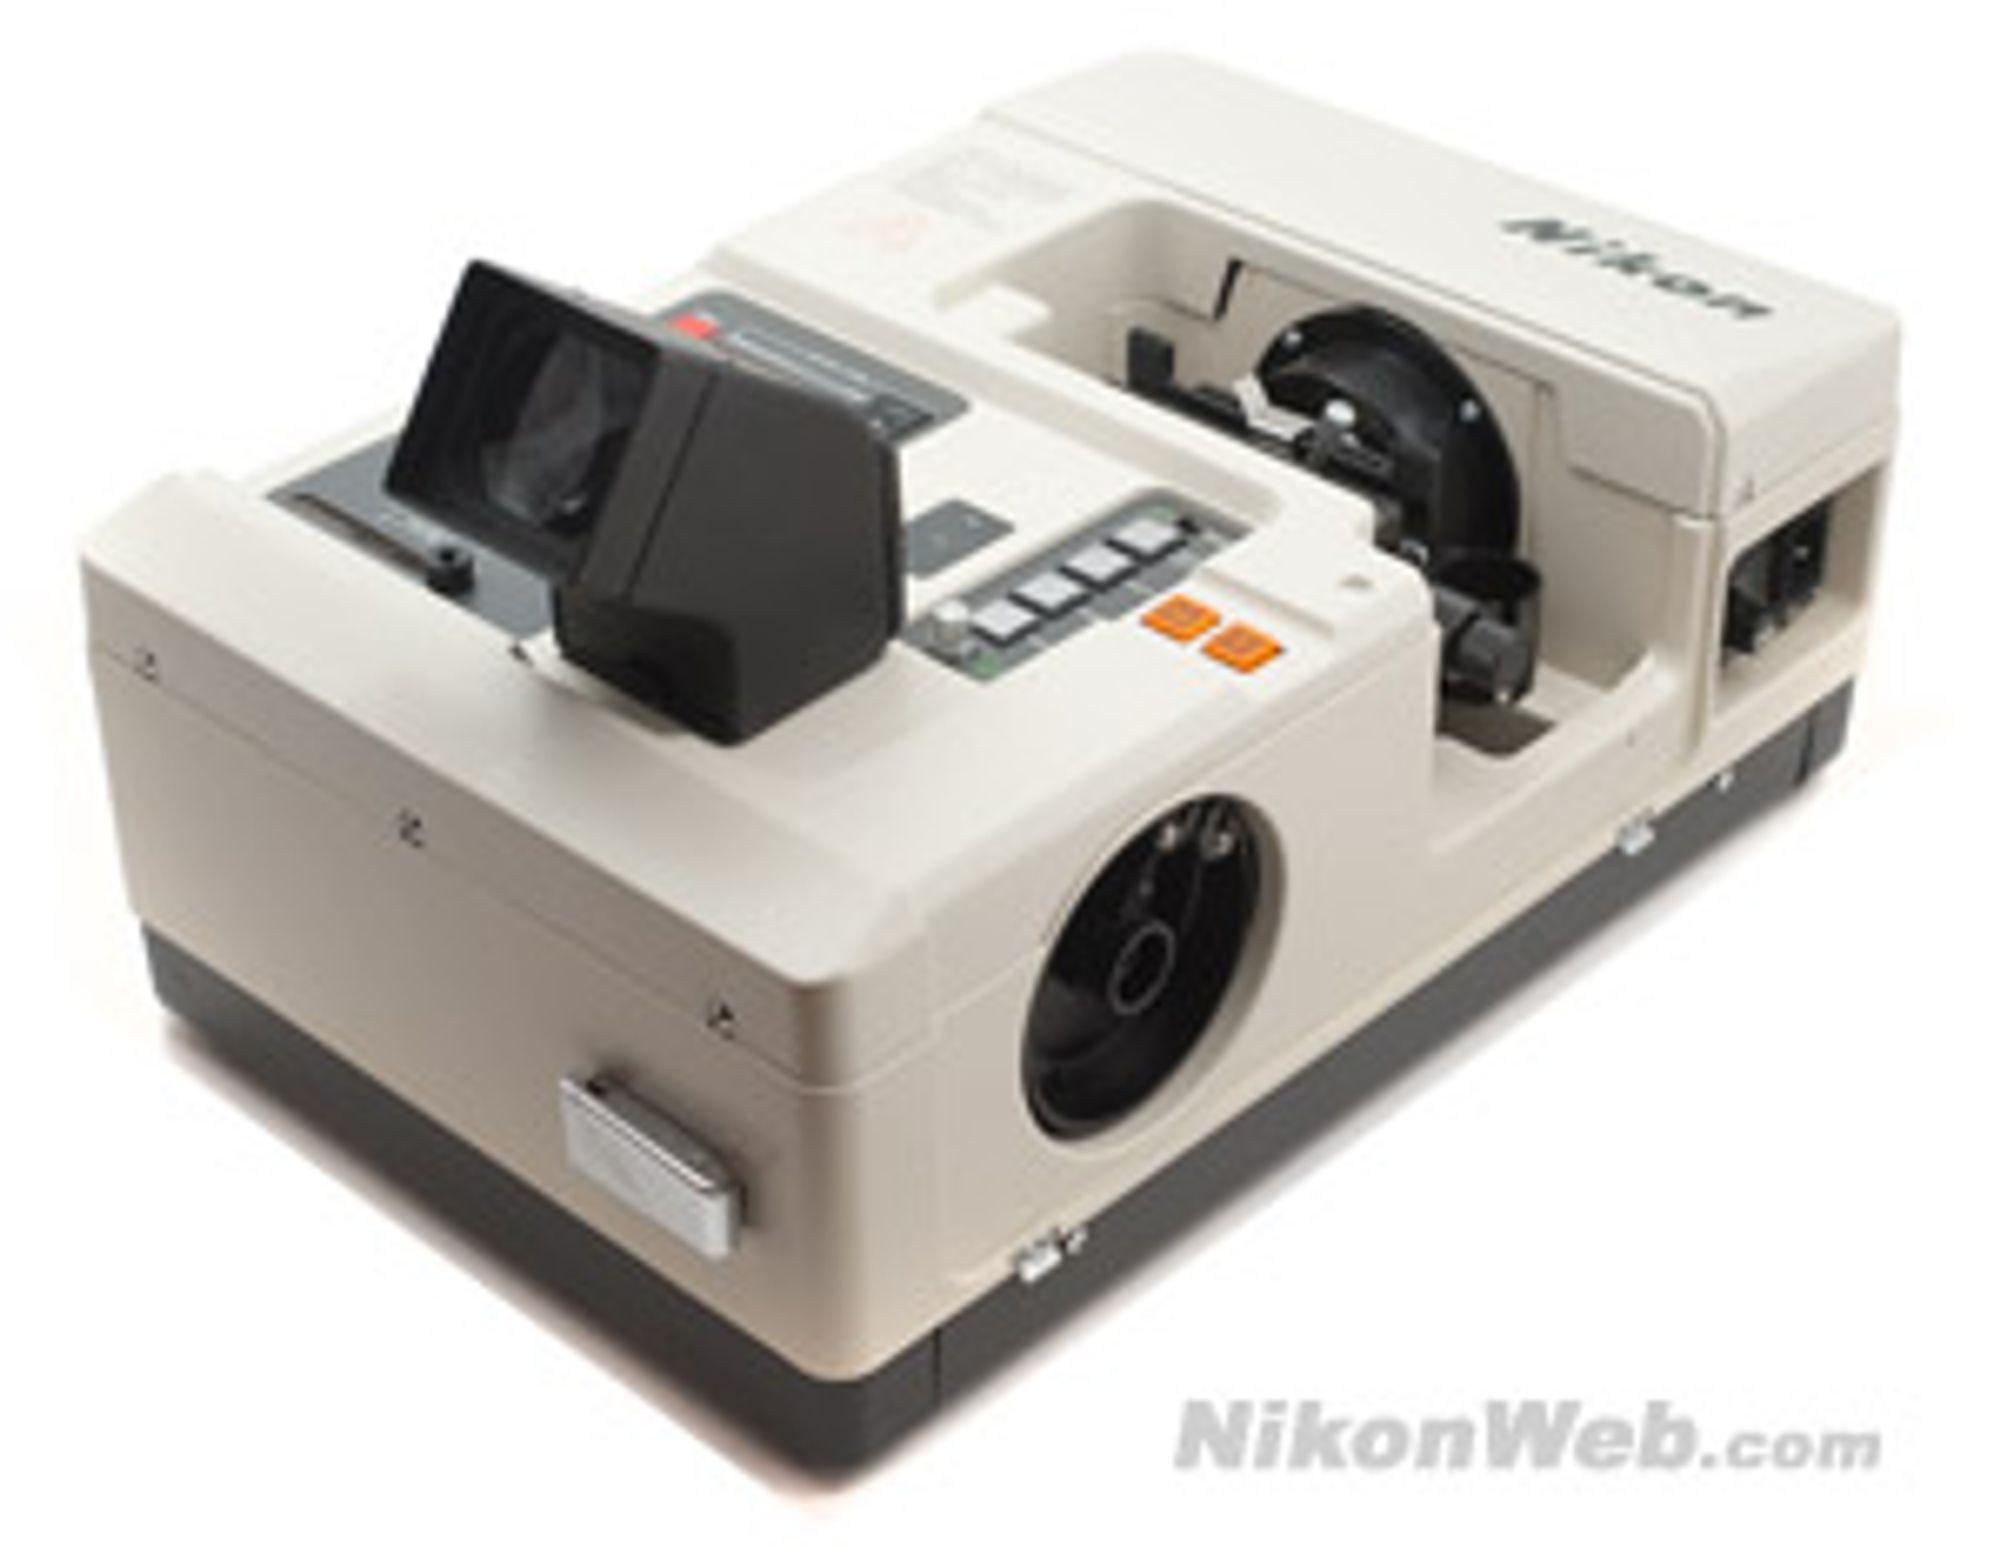 Flere ønsket seg muligheter til å kunne sende bilder via telefoto uten å måtte fremkalle de først. Nikon tidligst ute med sin NT-1000 Direct Transmitter som kom ut i 1983. NT-1000 Direct også kunne brukes av elektroniske kameraer fra andre merker. Foto:Nikonweb.com